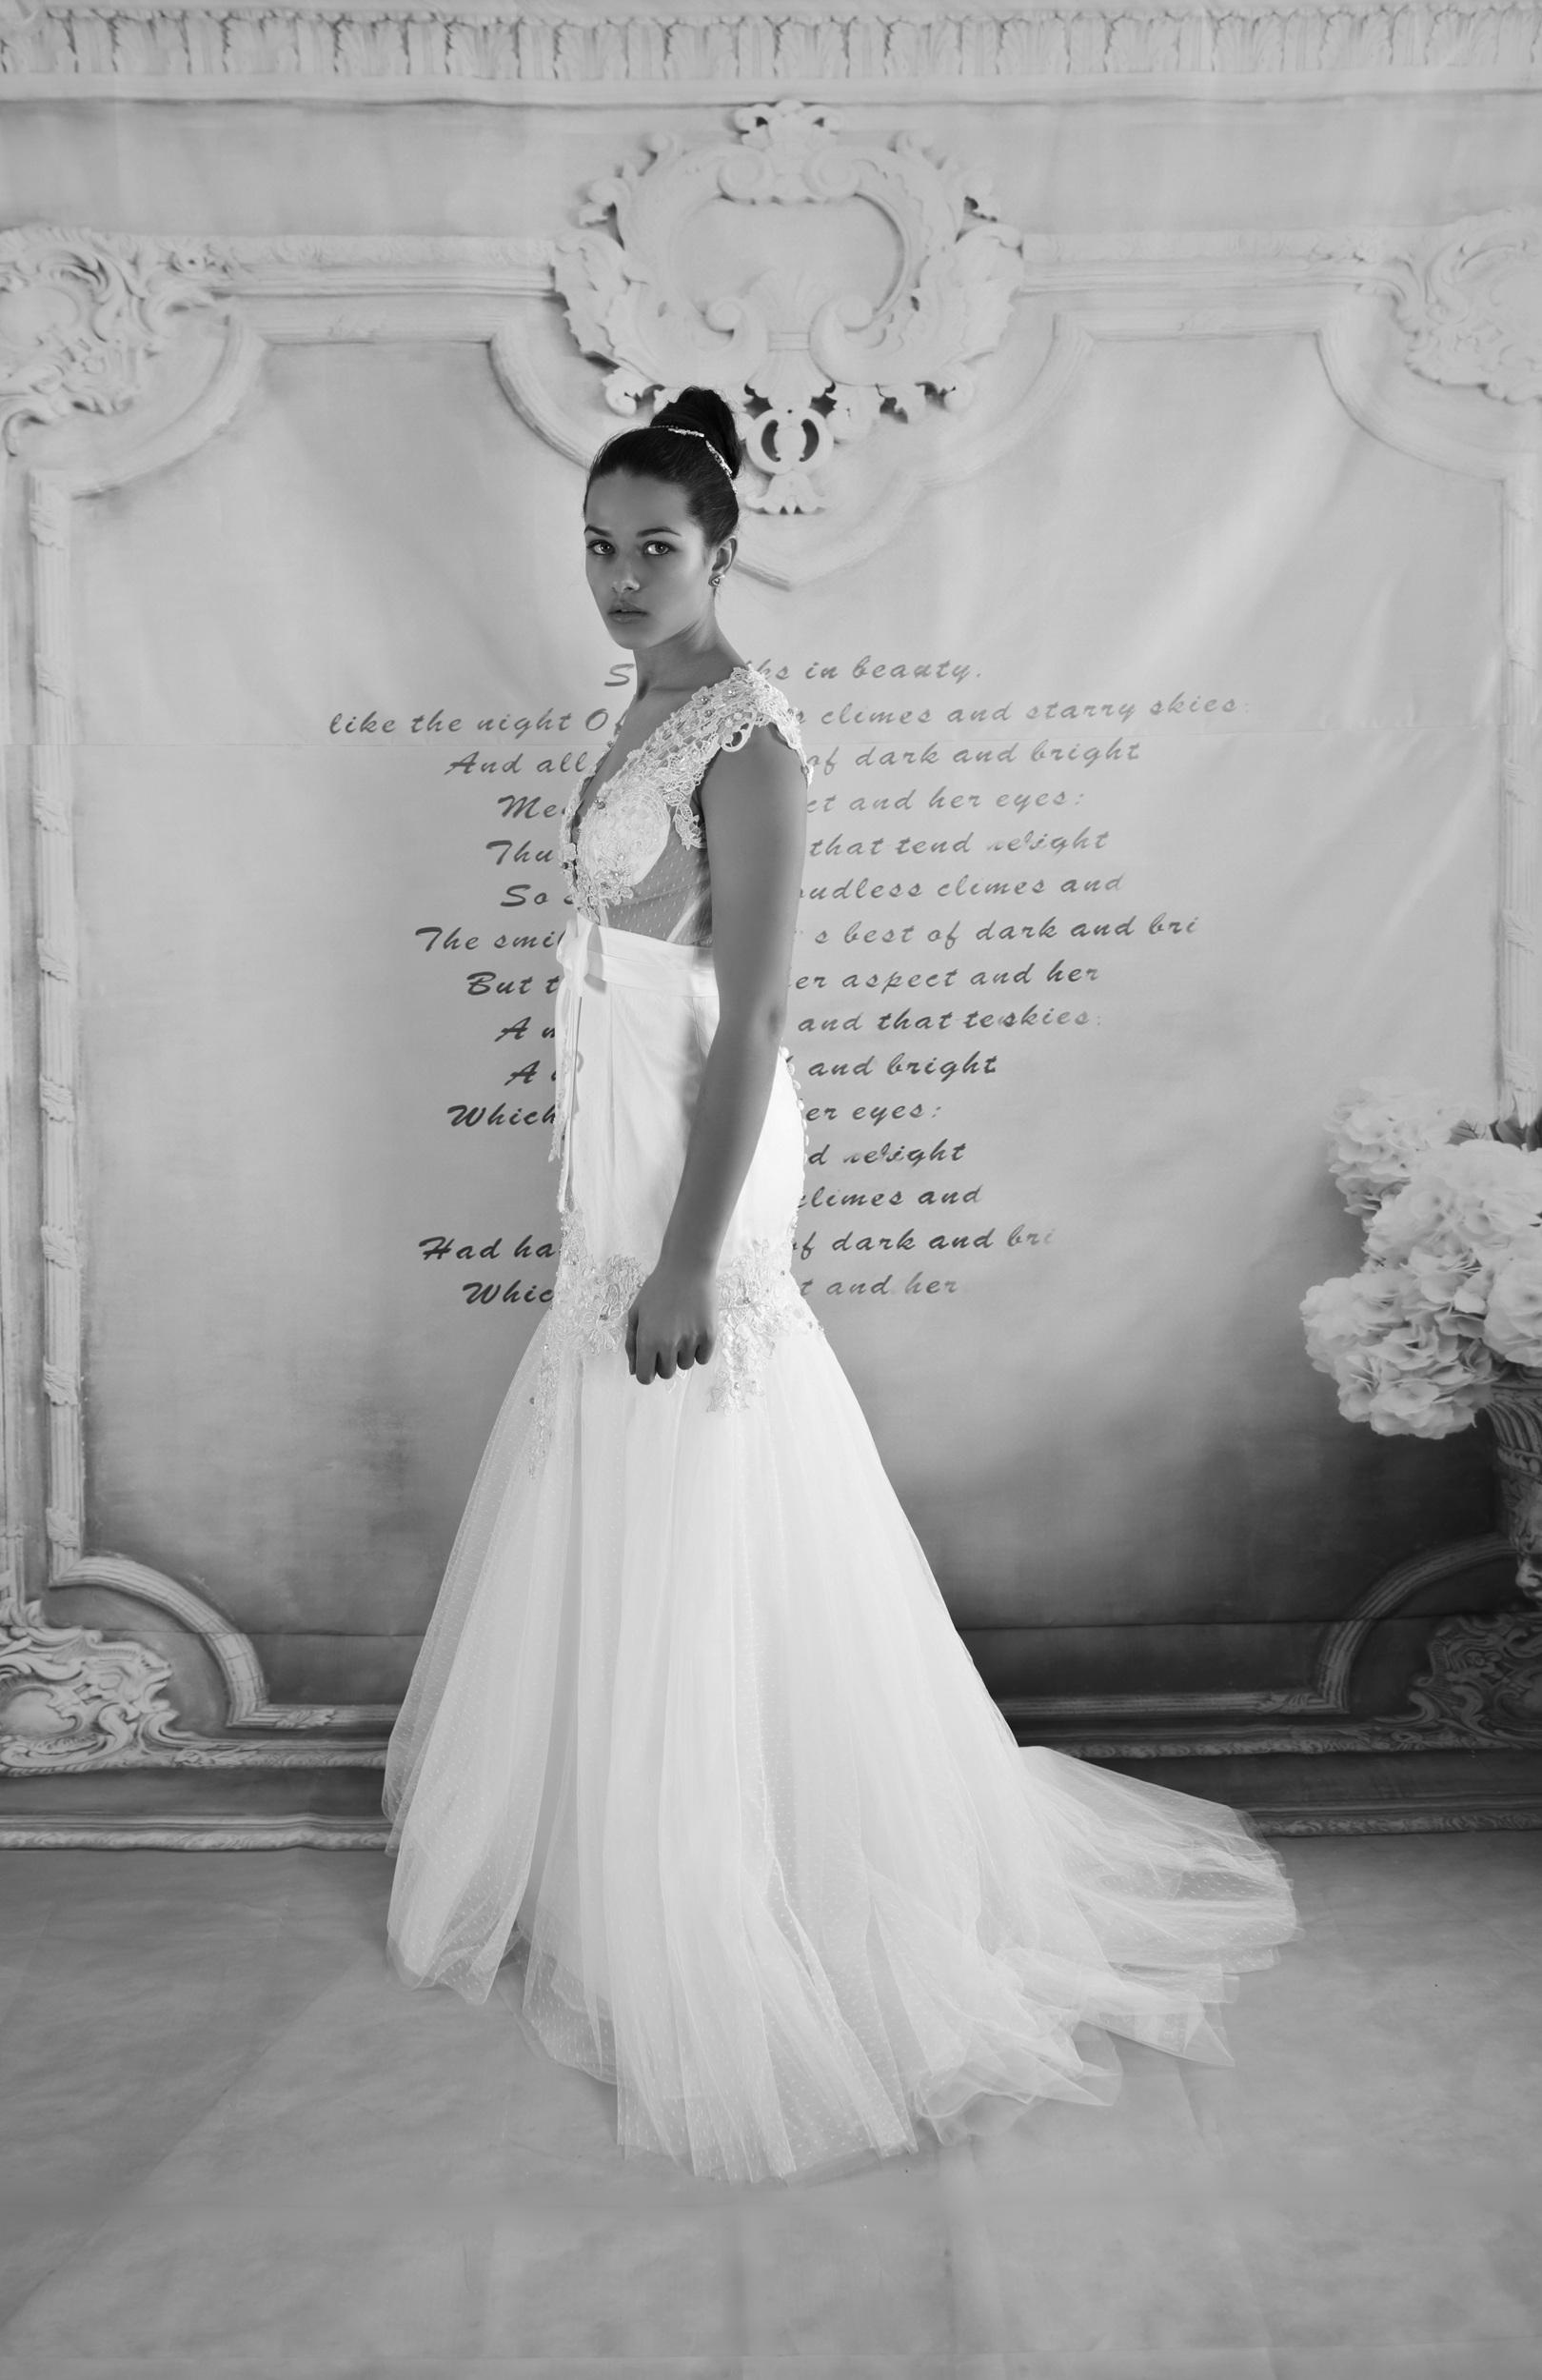 cb77bb15f96f sort og hvid kvinde hvid fotografering tøj monokrom bryllup bryllupskjole  brud Brudgom ægteskab kjole fotografi skønhed